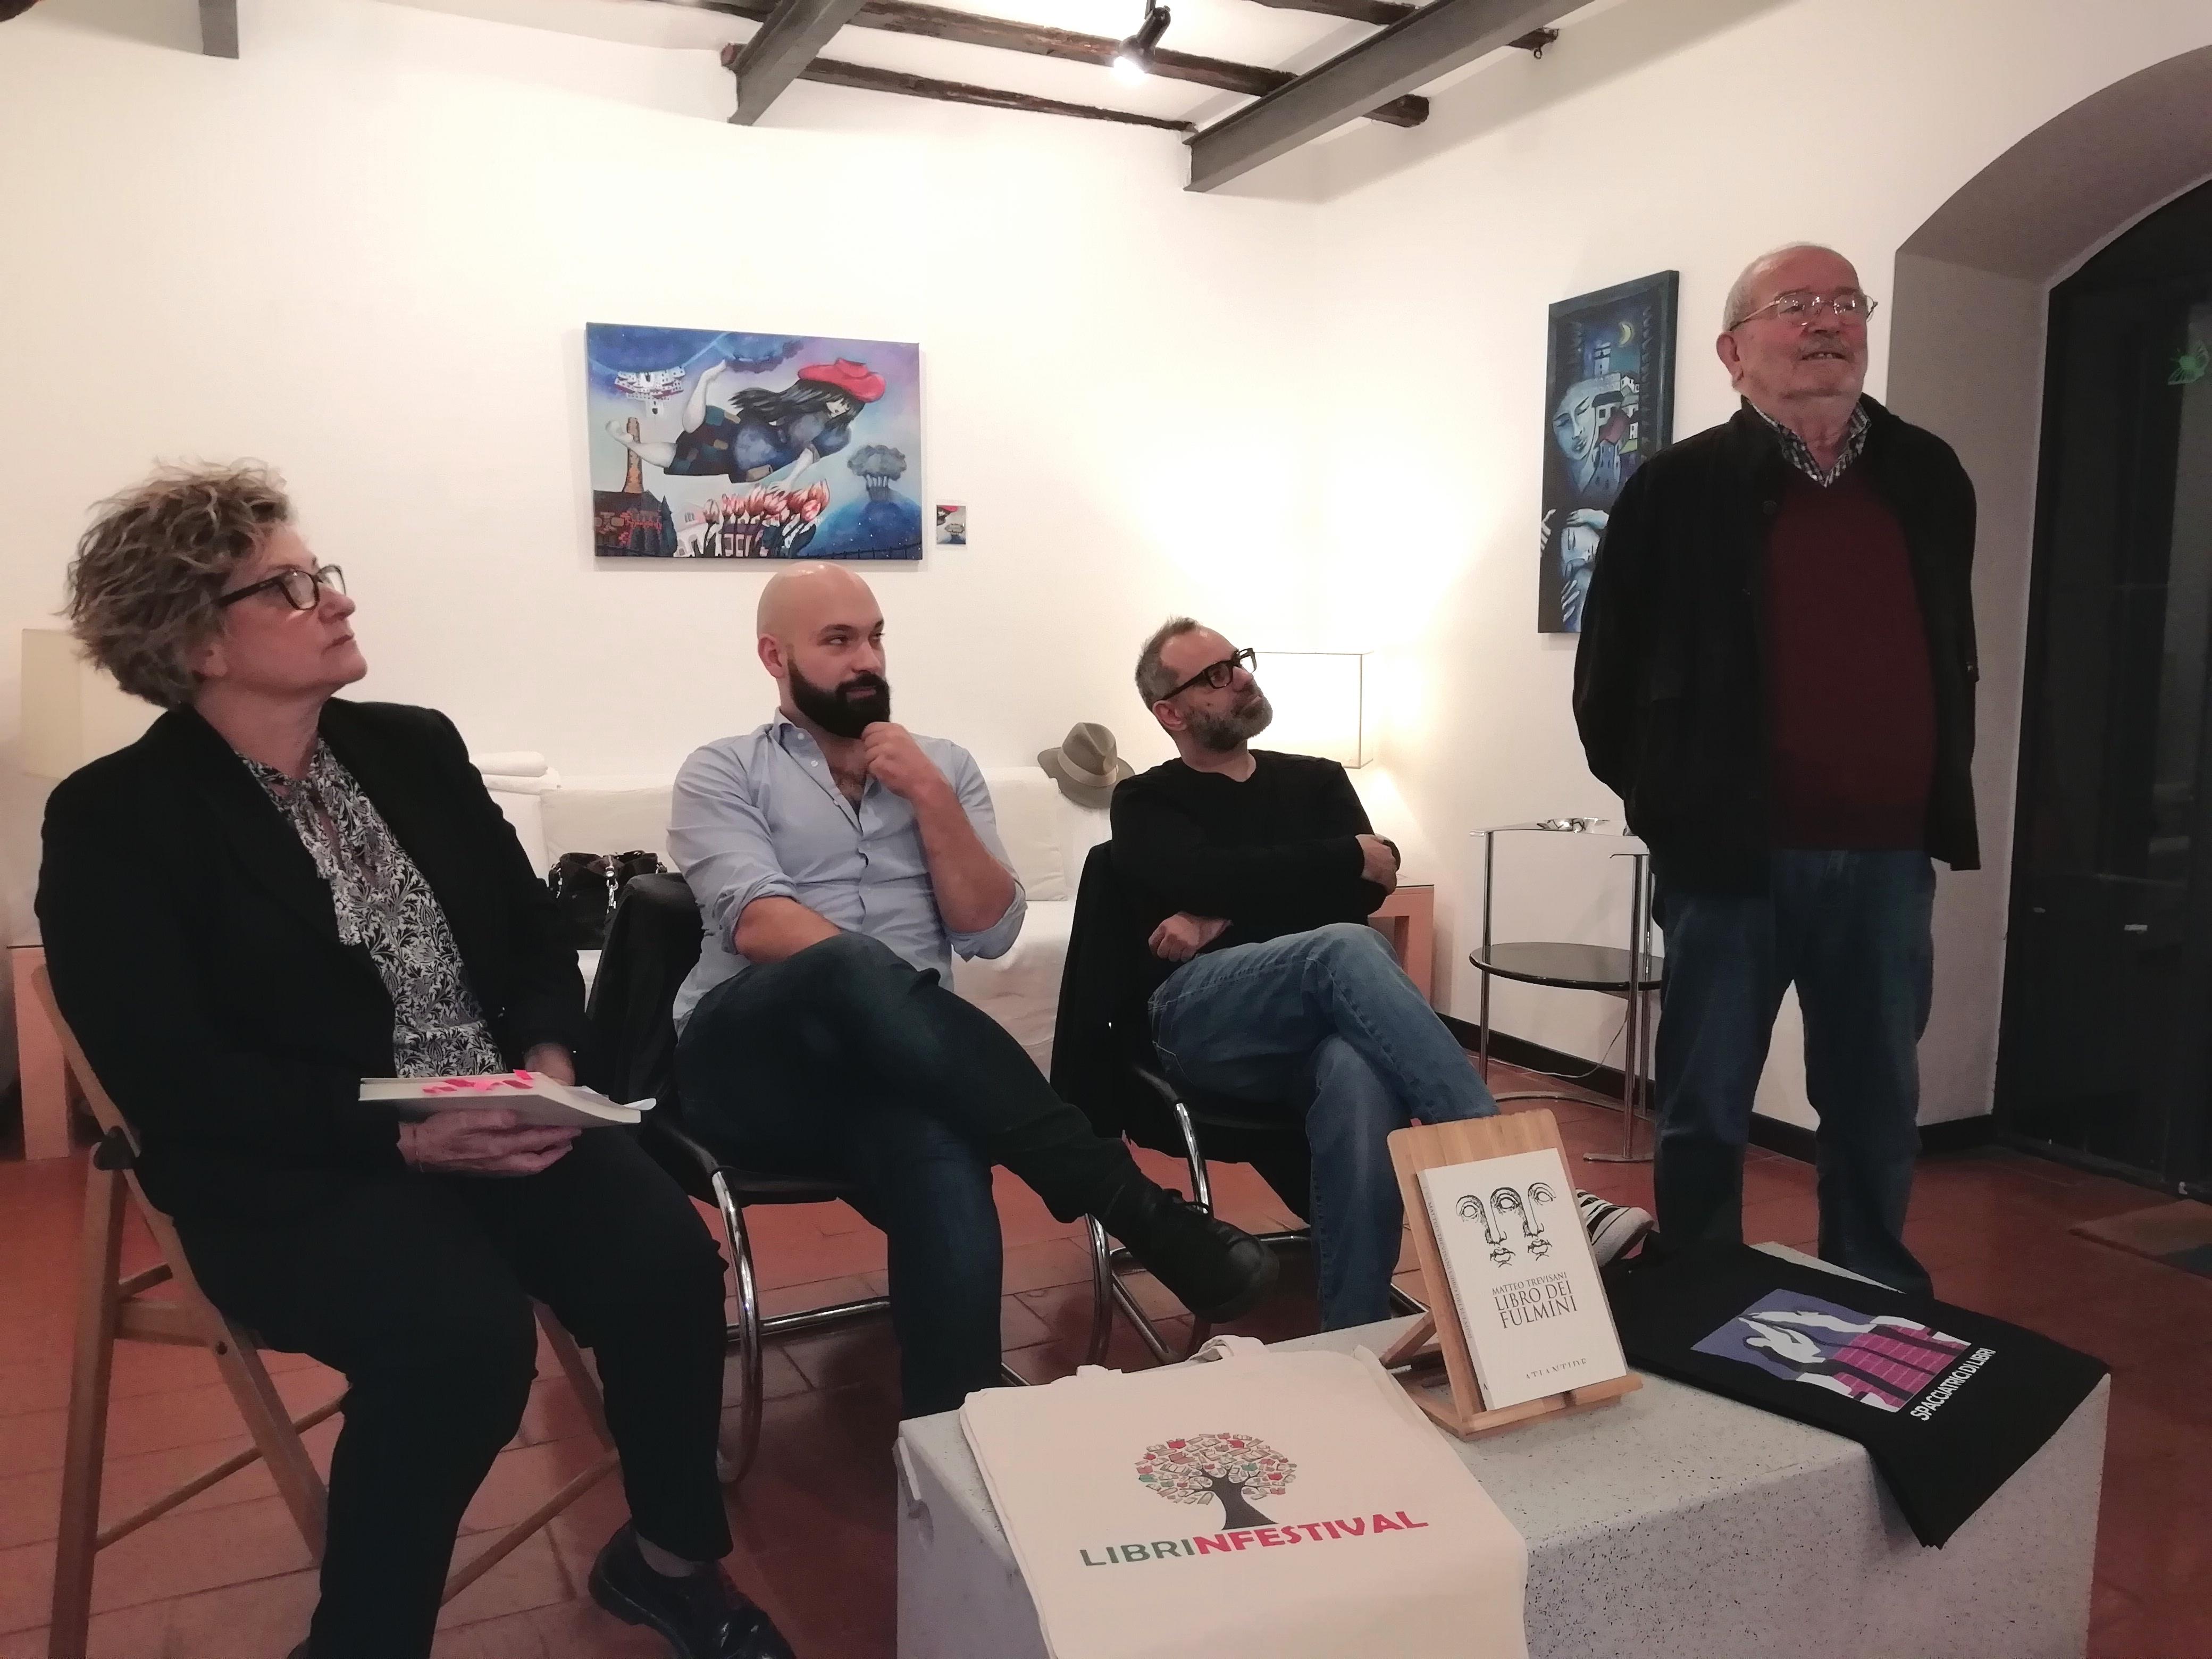 Matteo Trevisani, Edizioni di Atlantide, #Librinferstival, Libro dei fulmini, Silvia di Tosti, Grafica Campioli